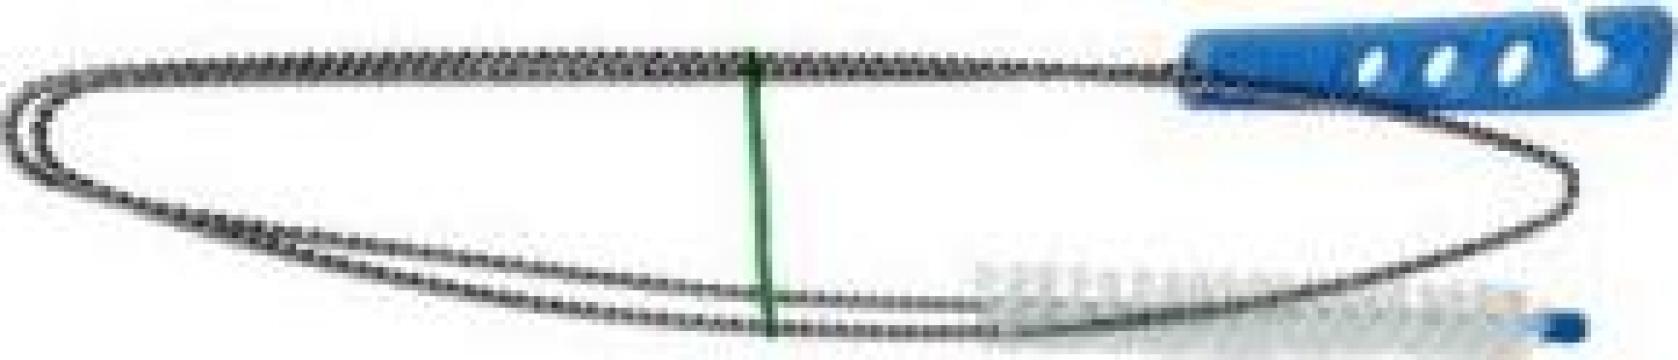 Perie lunga aparat muls de la APF Trade Srl